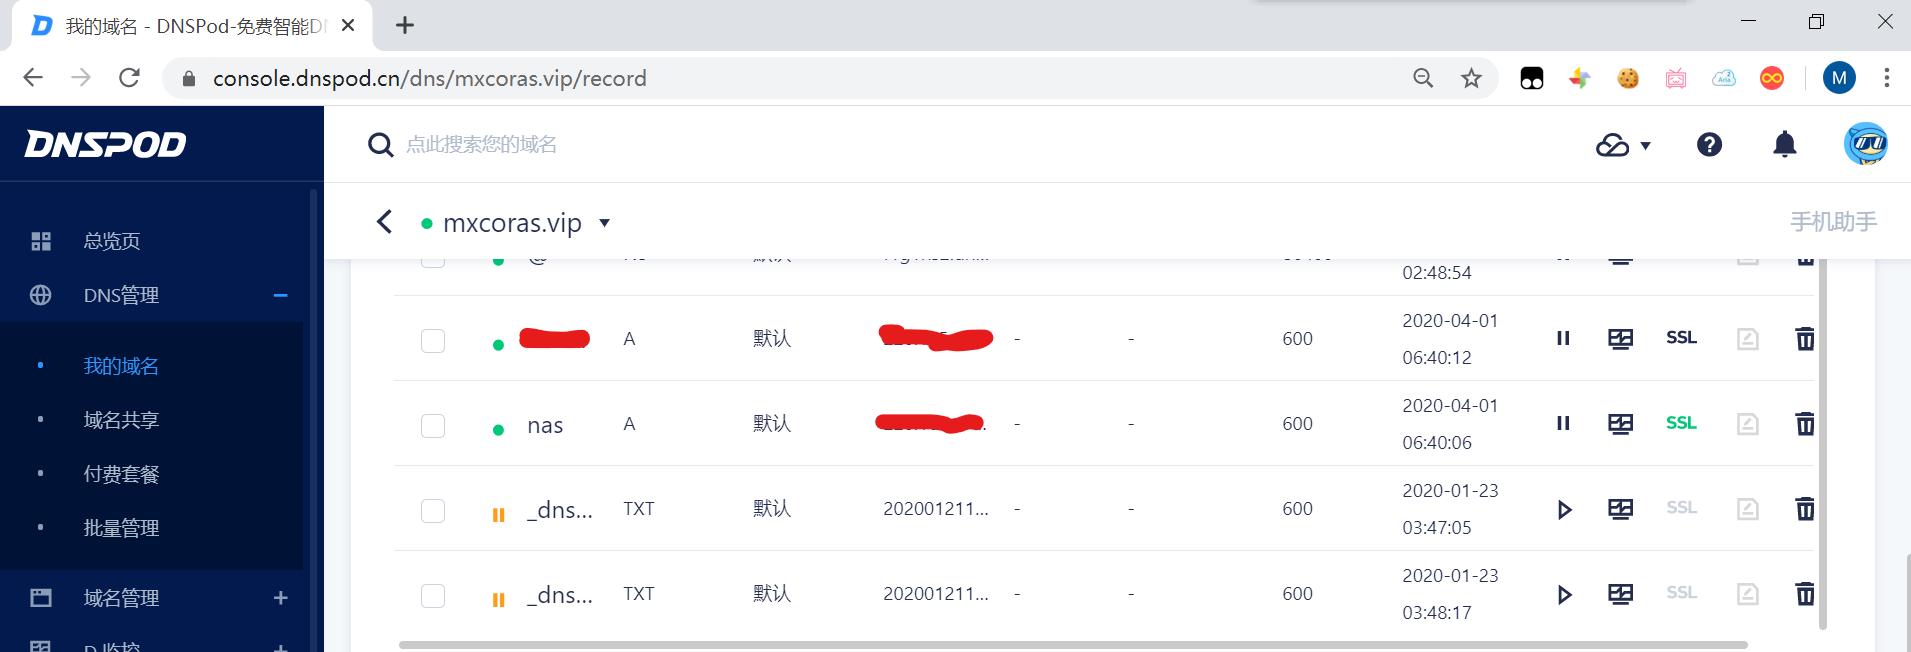 图中添加了记录值为nas的A记录解析,也就是会将nas.mxcoras.vip解析到相应的IP上